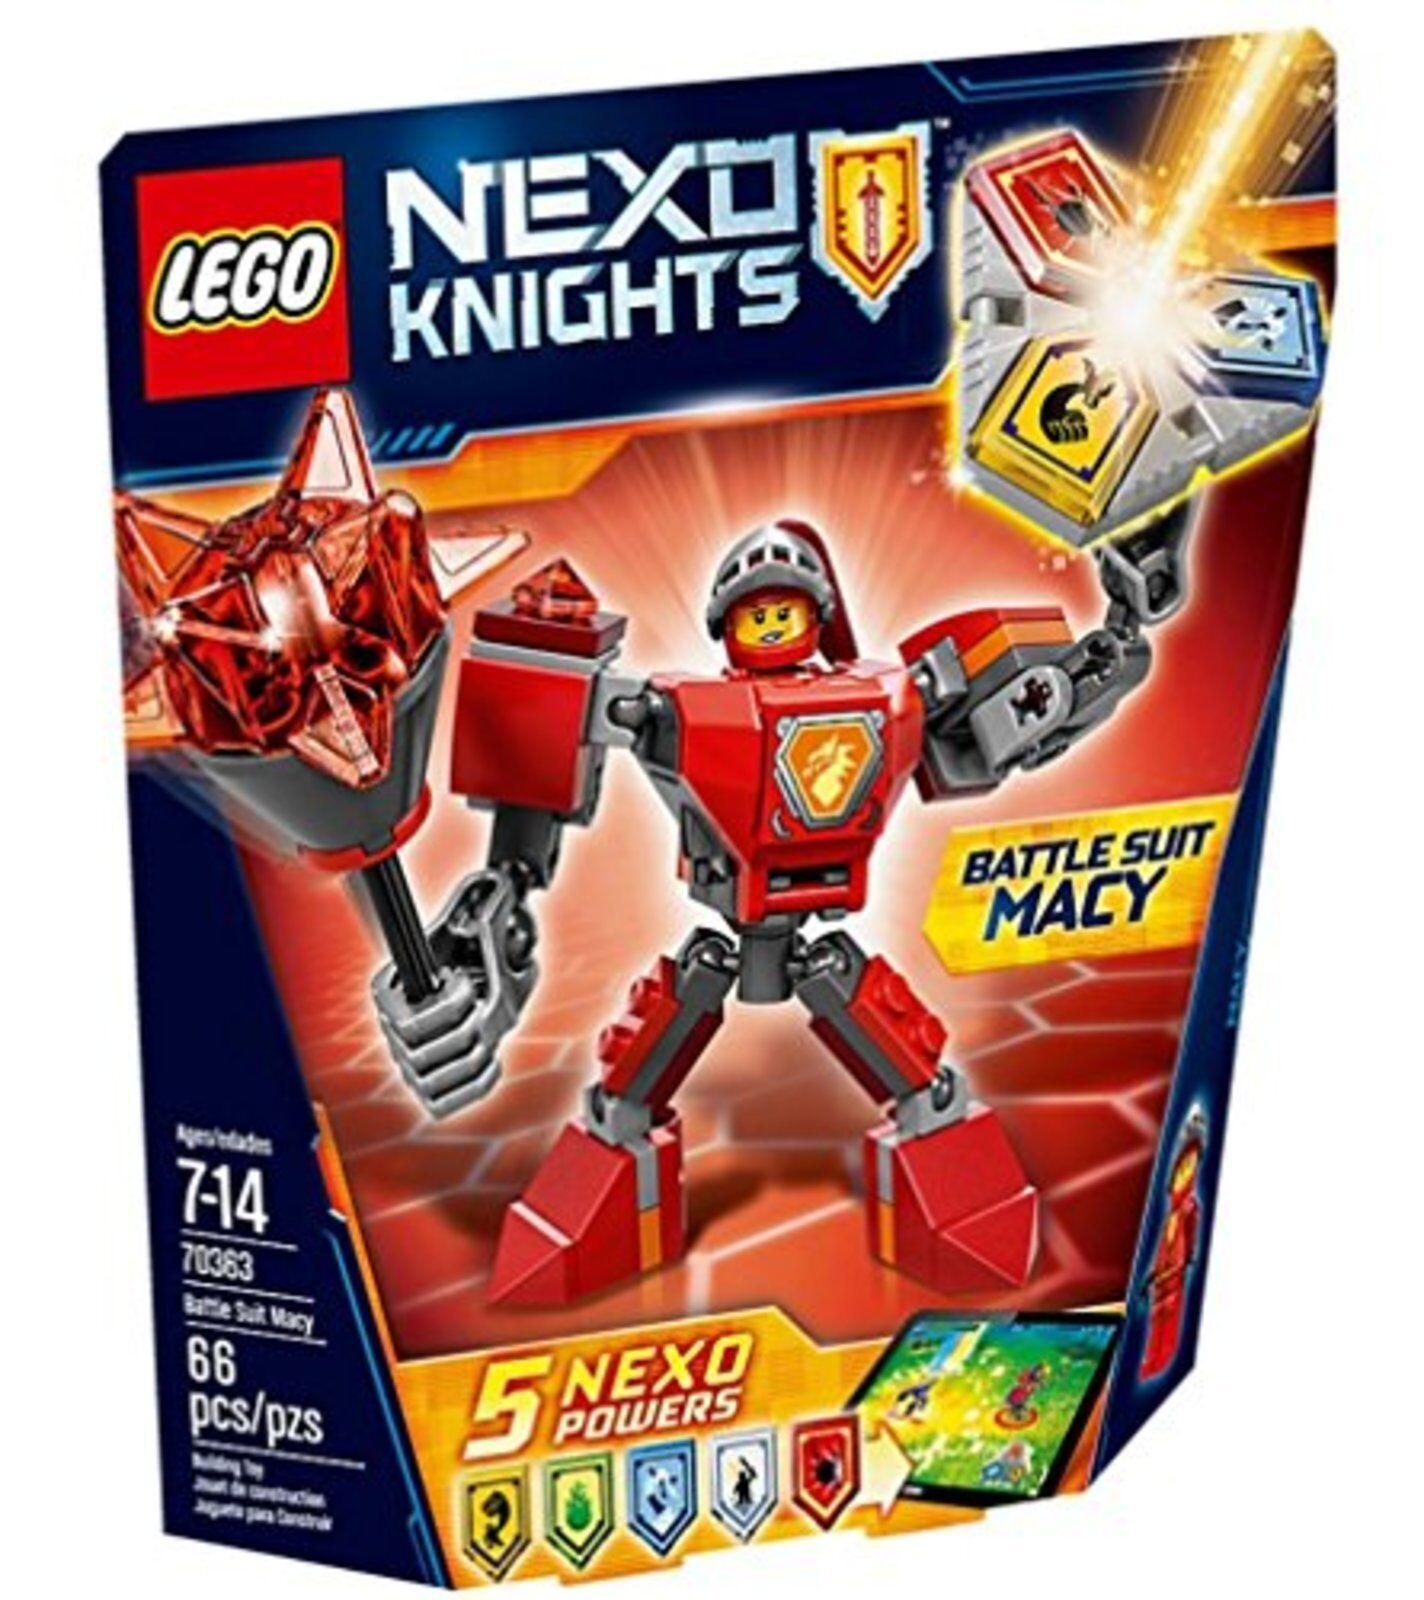 Lego Nex Nights Battaglia Adatto per Macy 70363 con Tracciamento # Nuovo